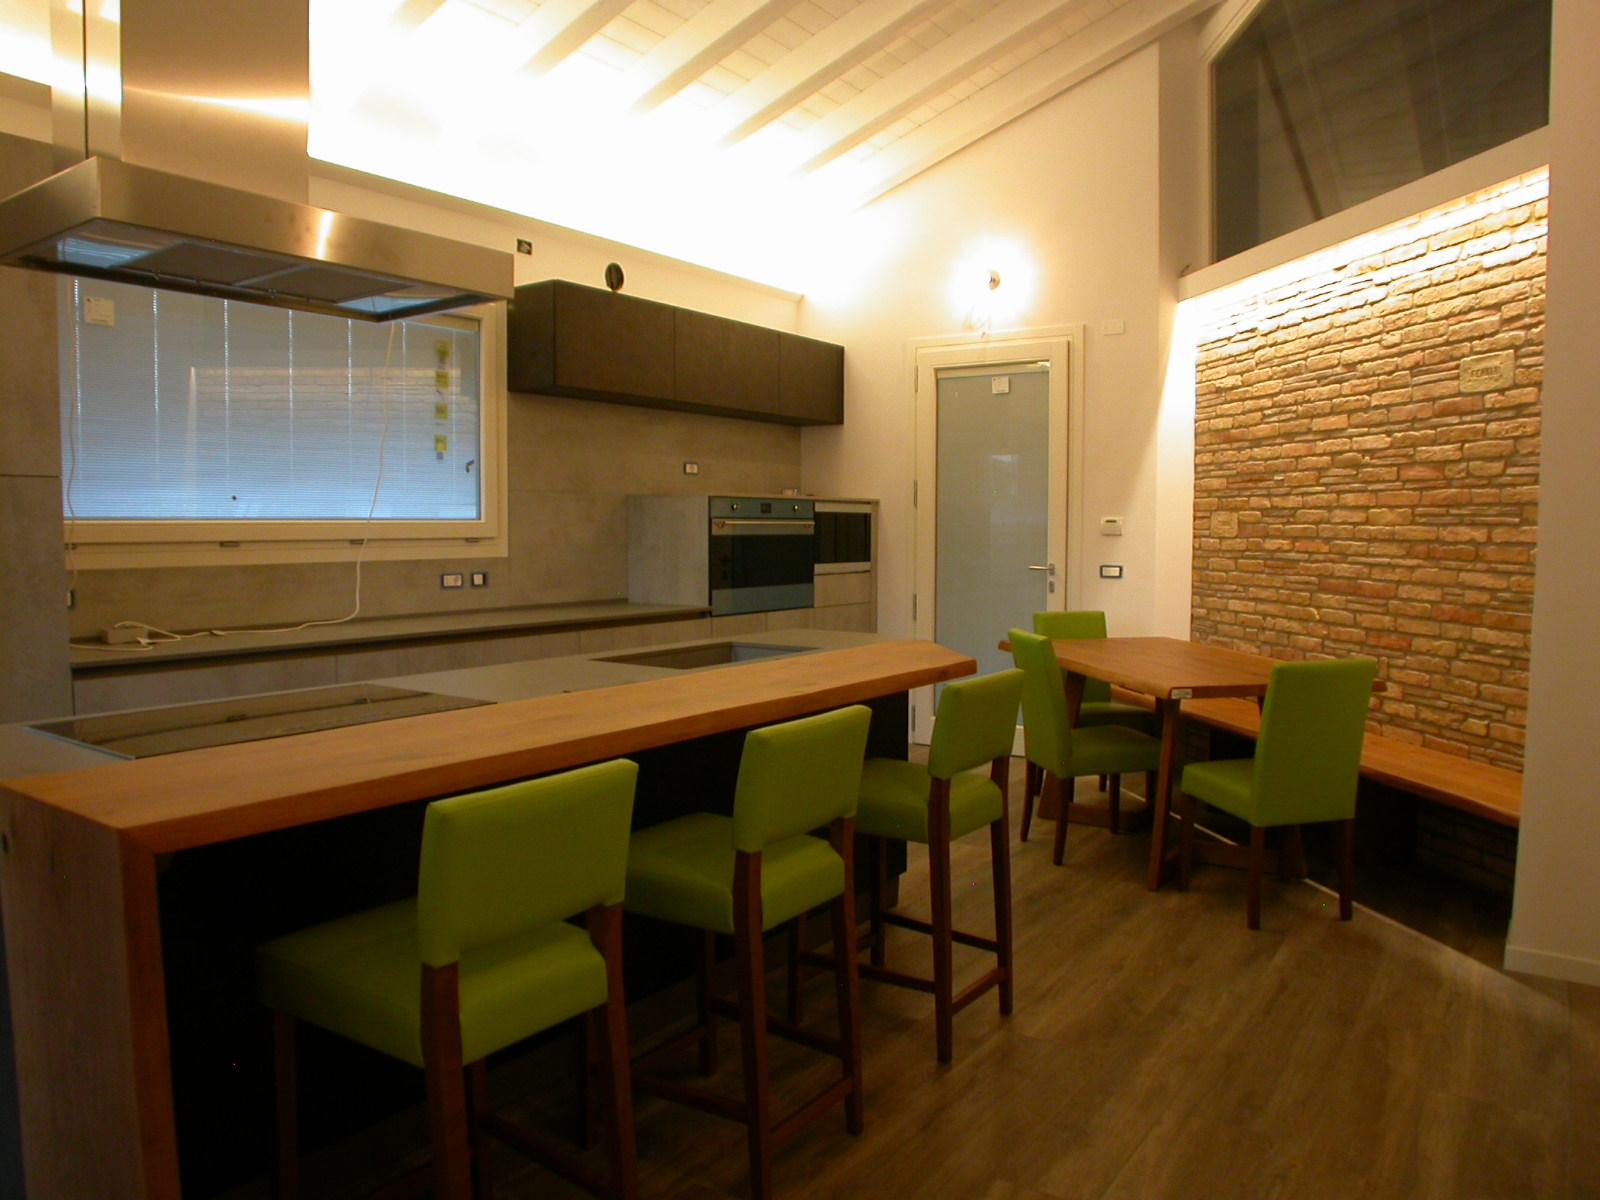 Cucina rustica moderna -